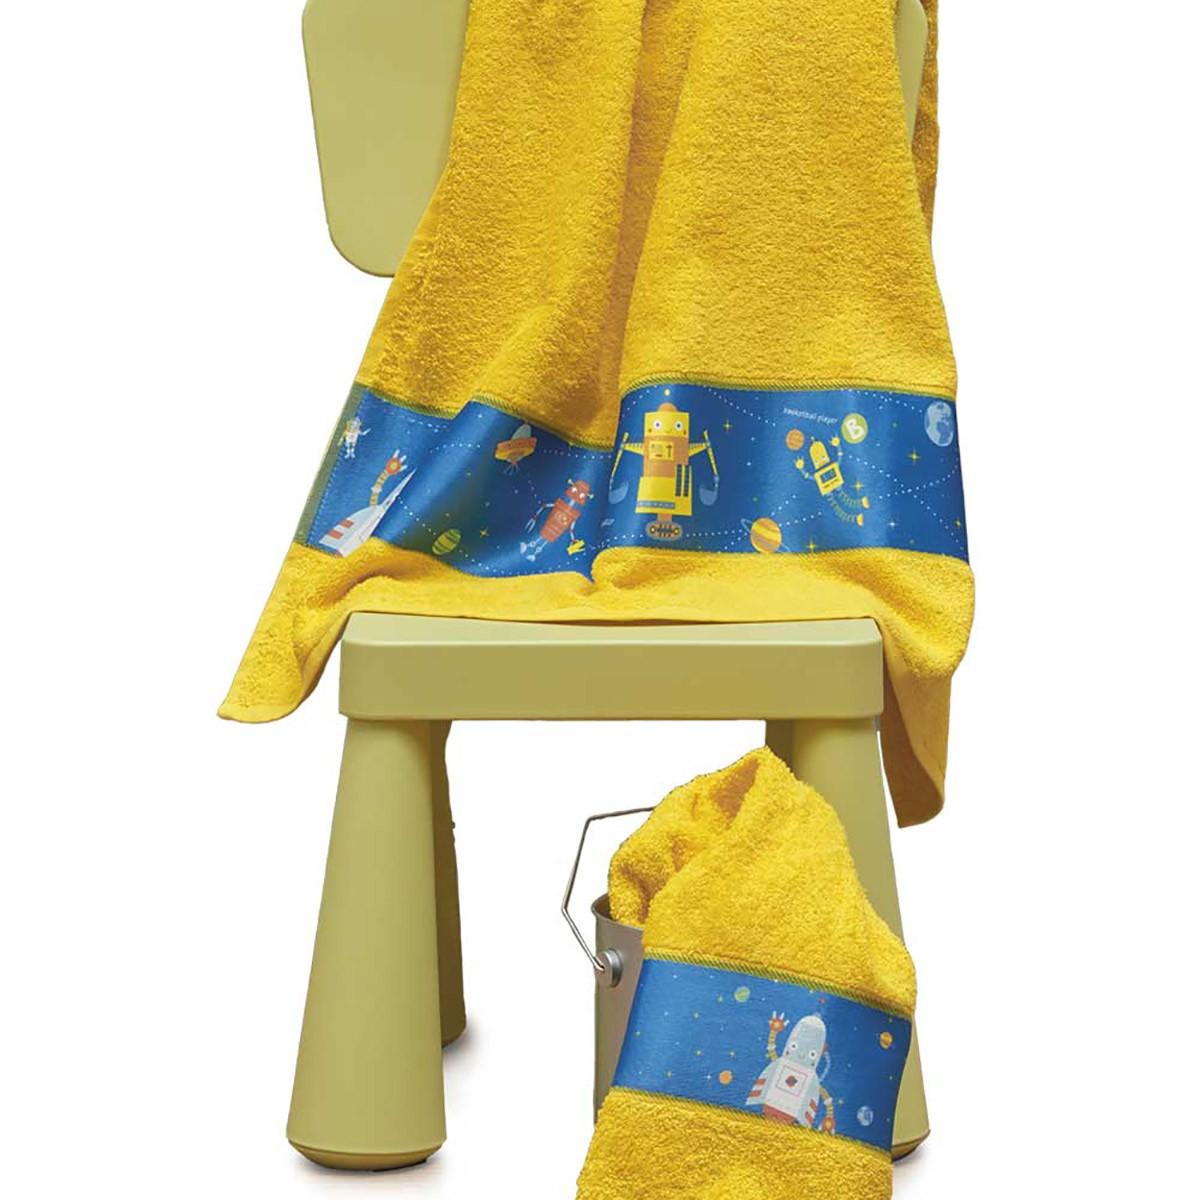 Παιδικές Πετσέτες (Σετ 2τμχ) Kentia Kids Robot